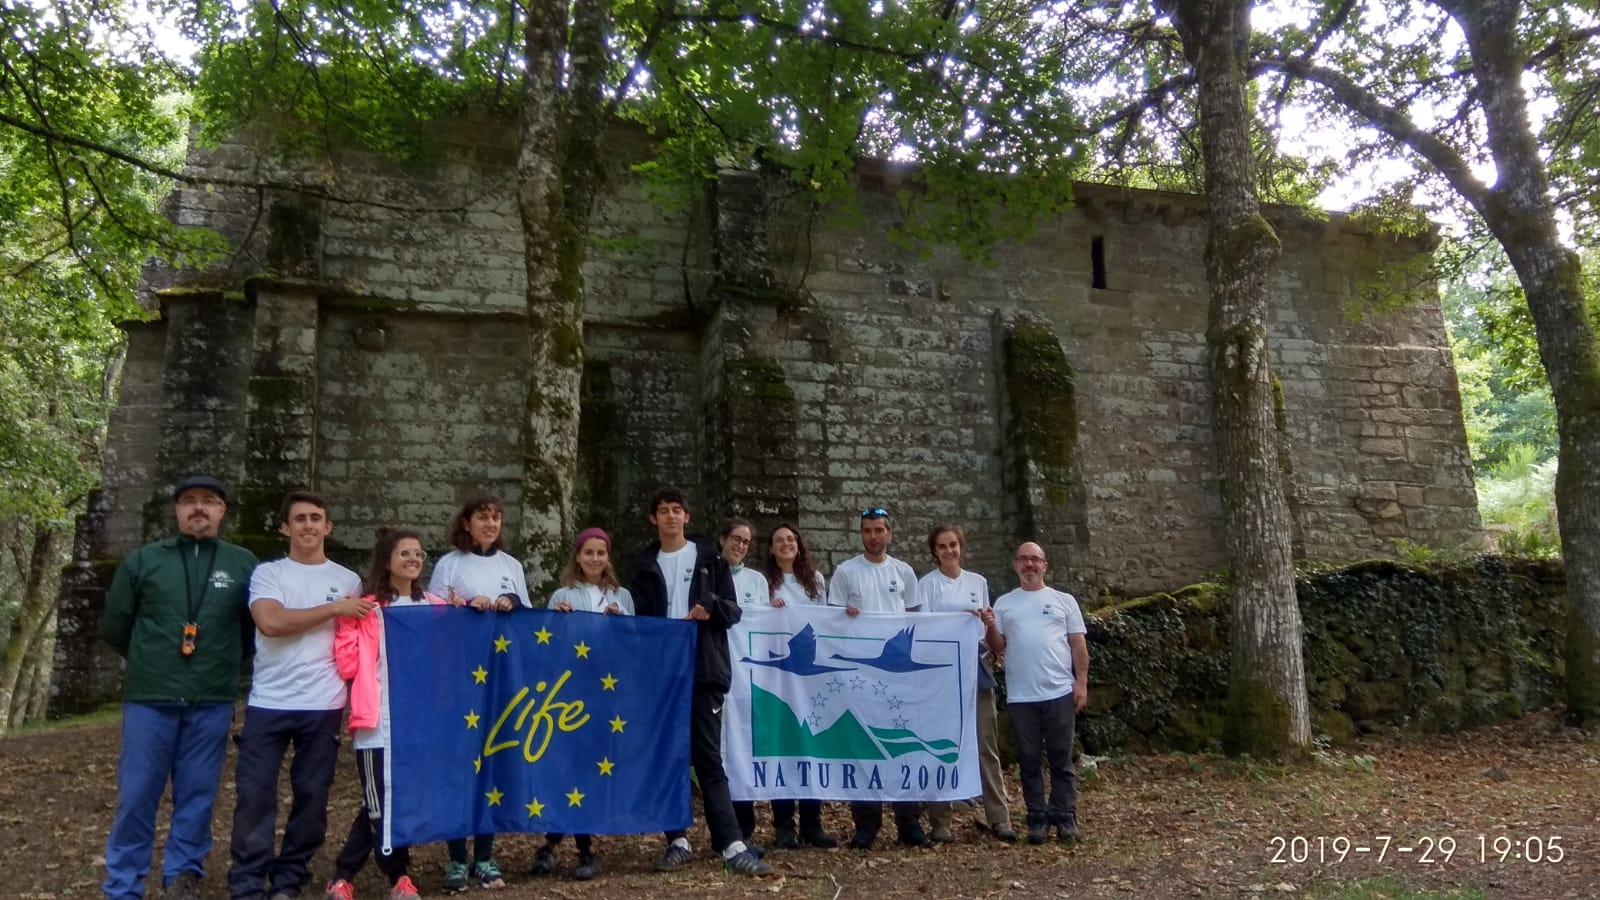 LIFE FLUVIAL participa en una jornada de voluntariado ambiental en Guitiriz (Lugo